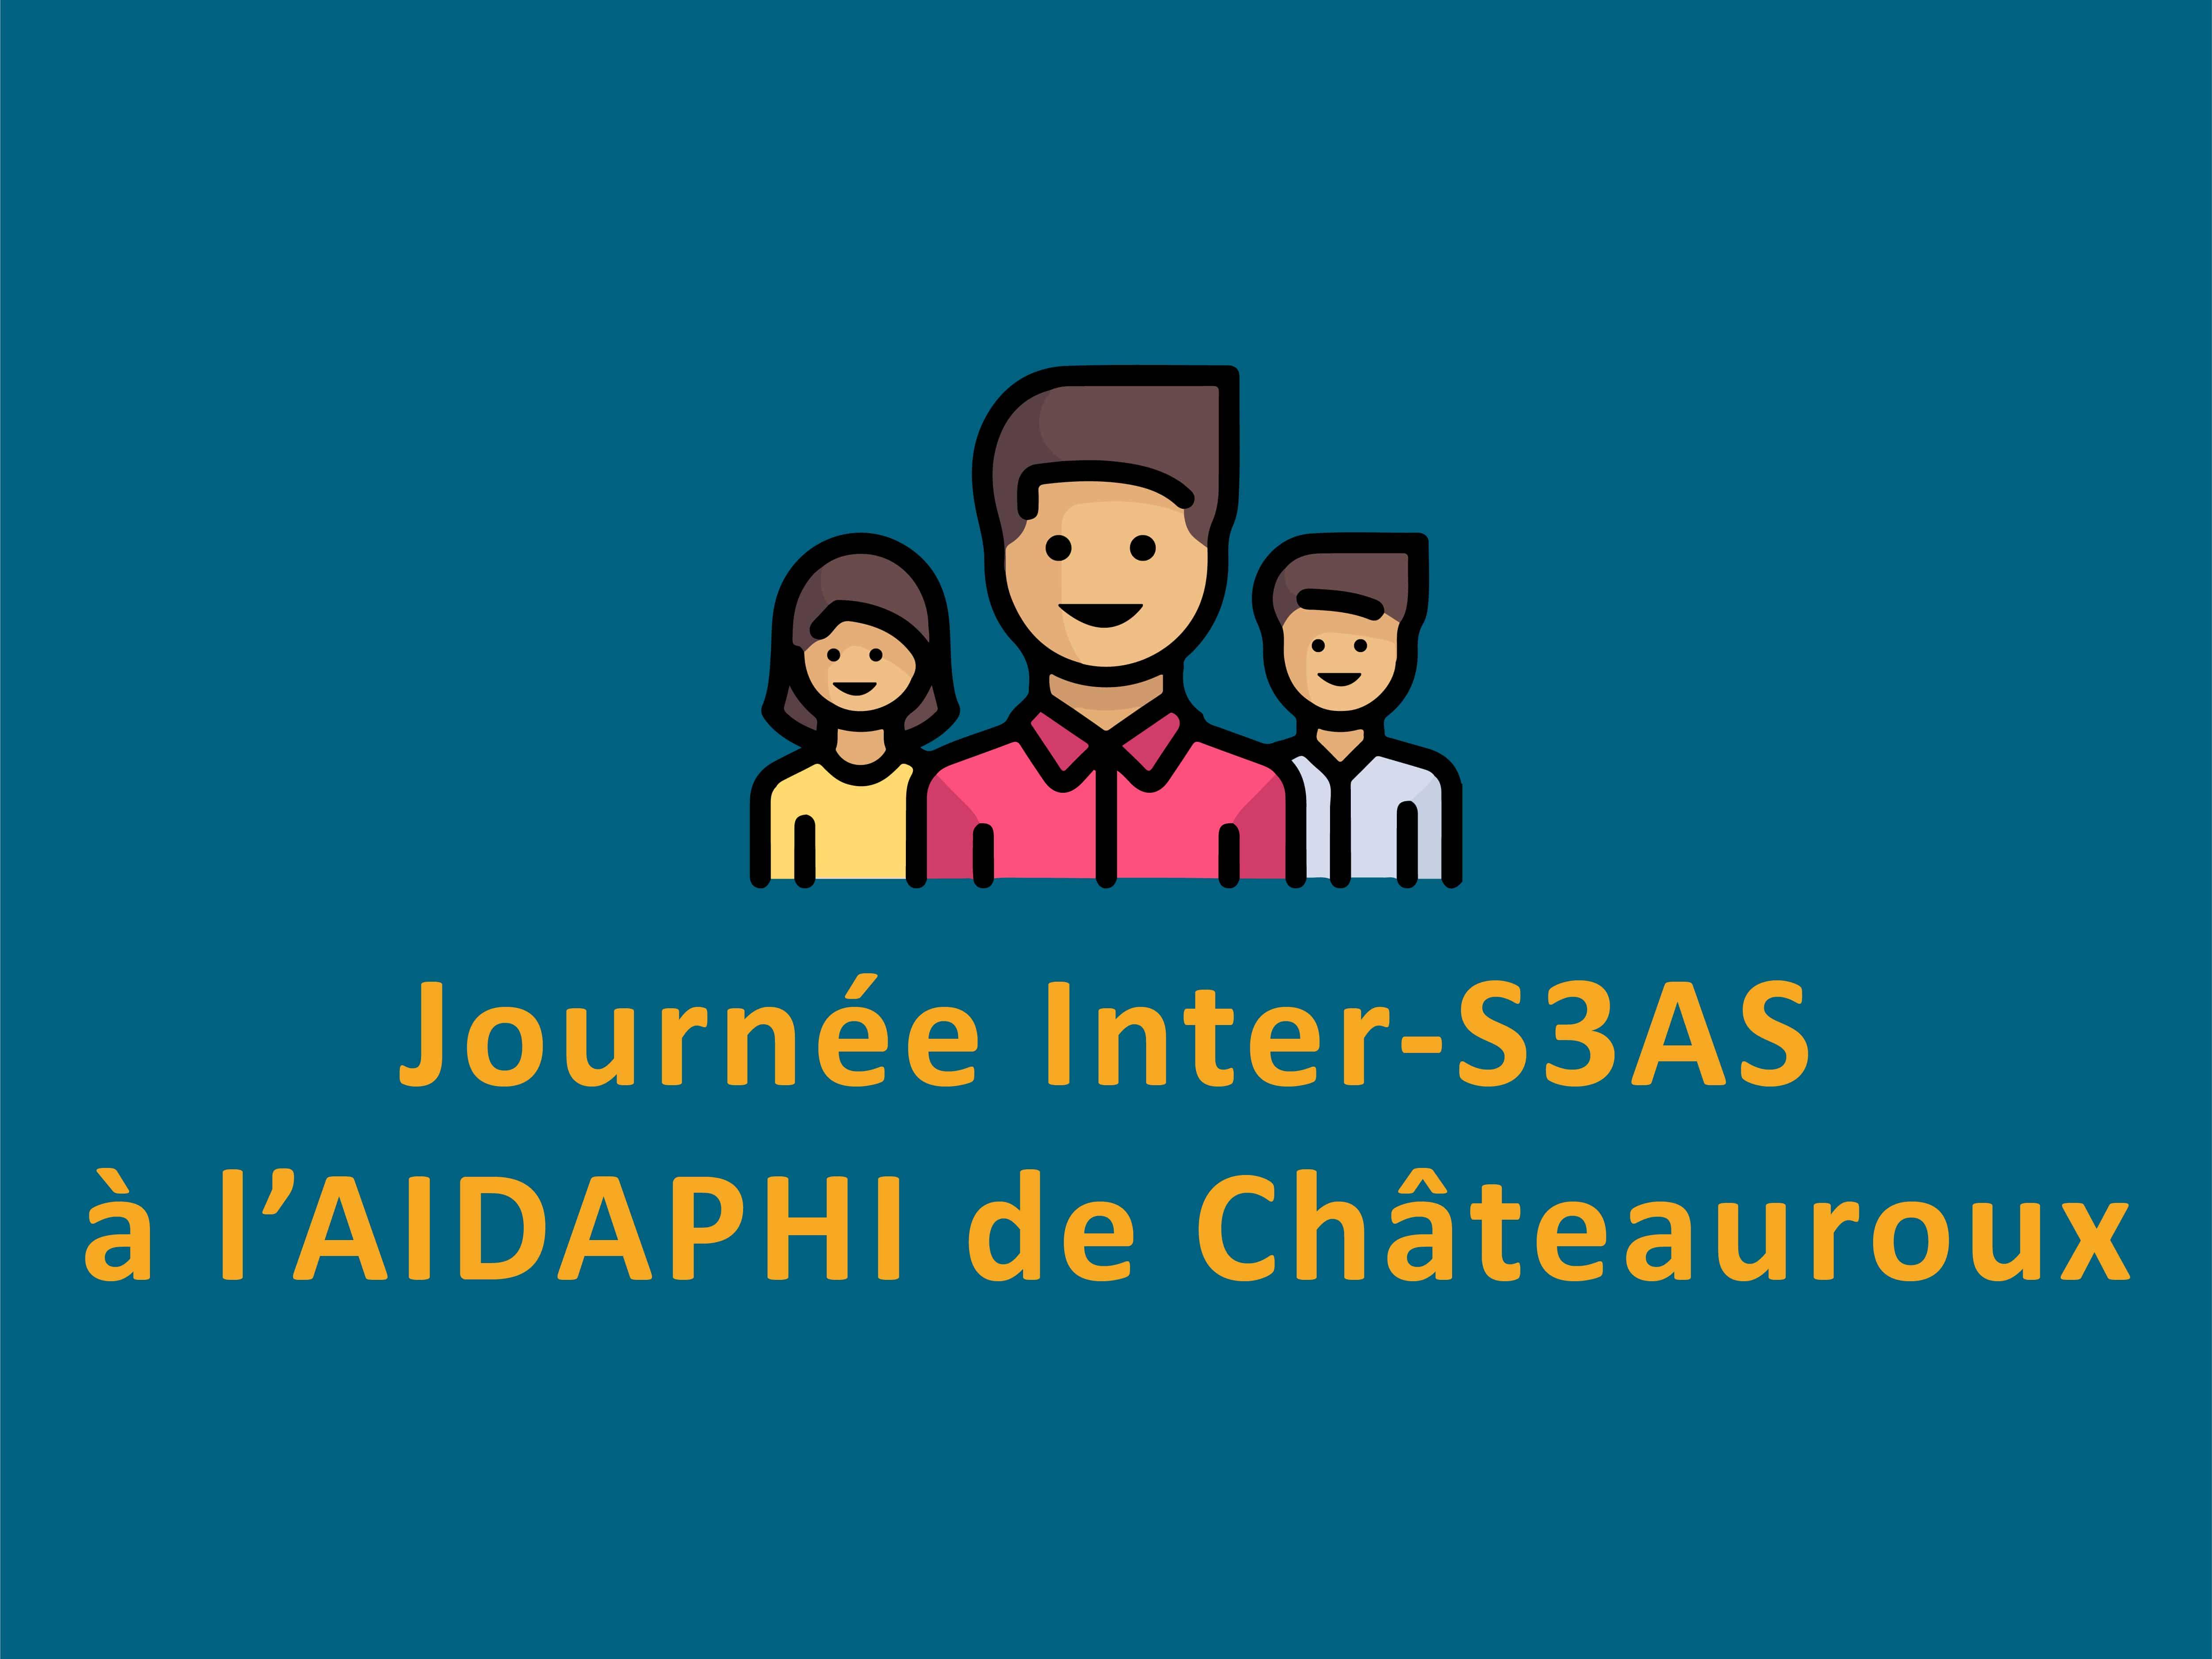 Journée Inter-S3AS à l'AIDAPHI de Châteauroux.